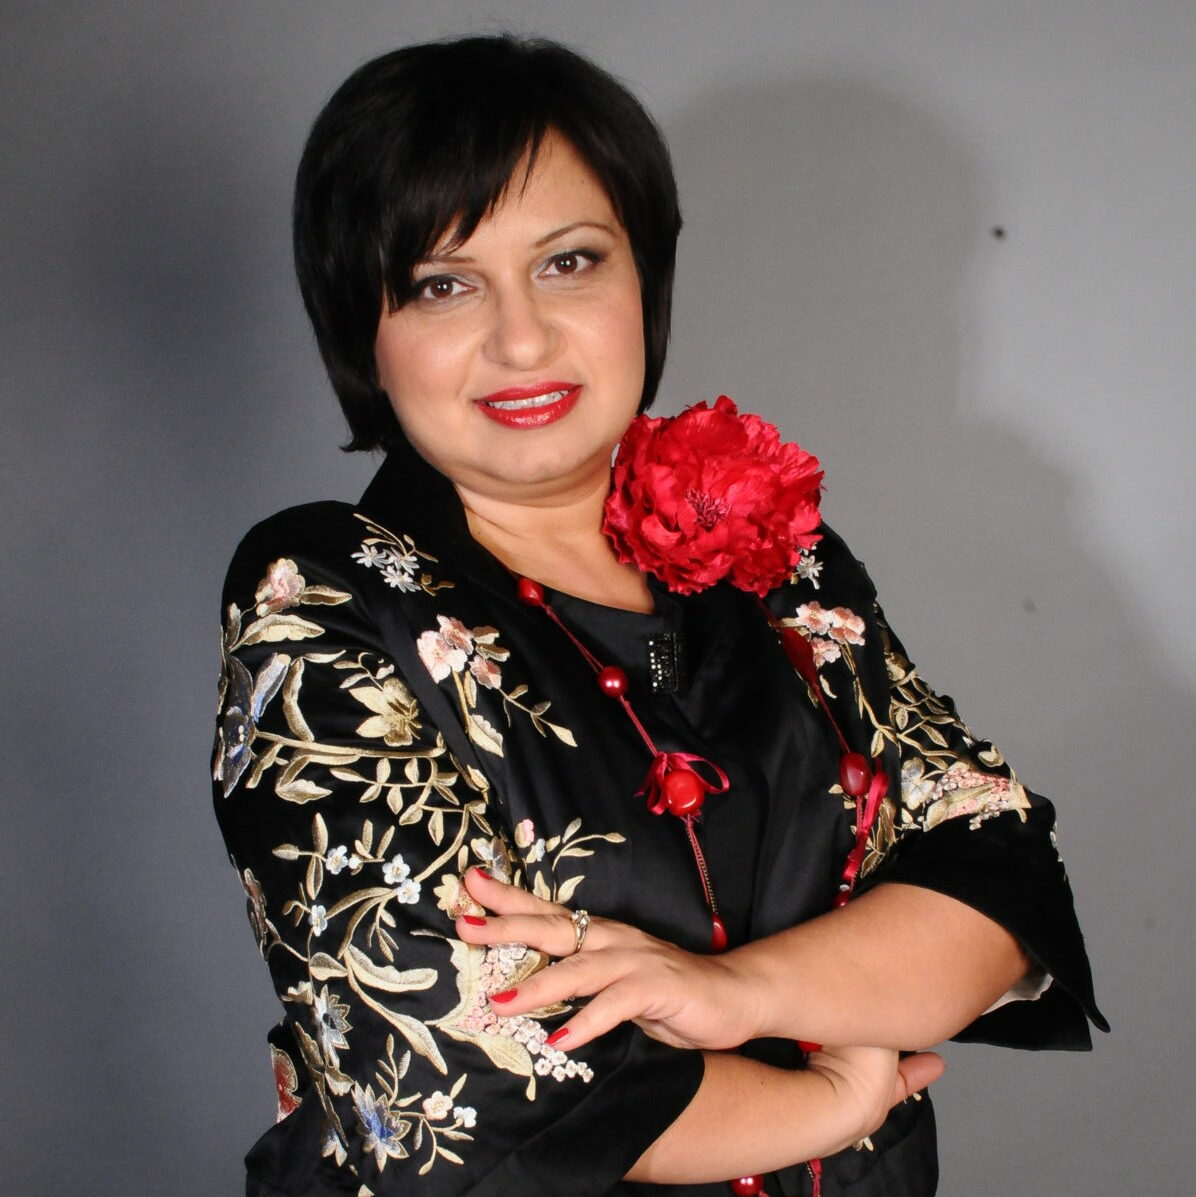 Акопян Ануш Альбертовна